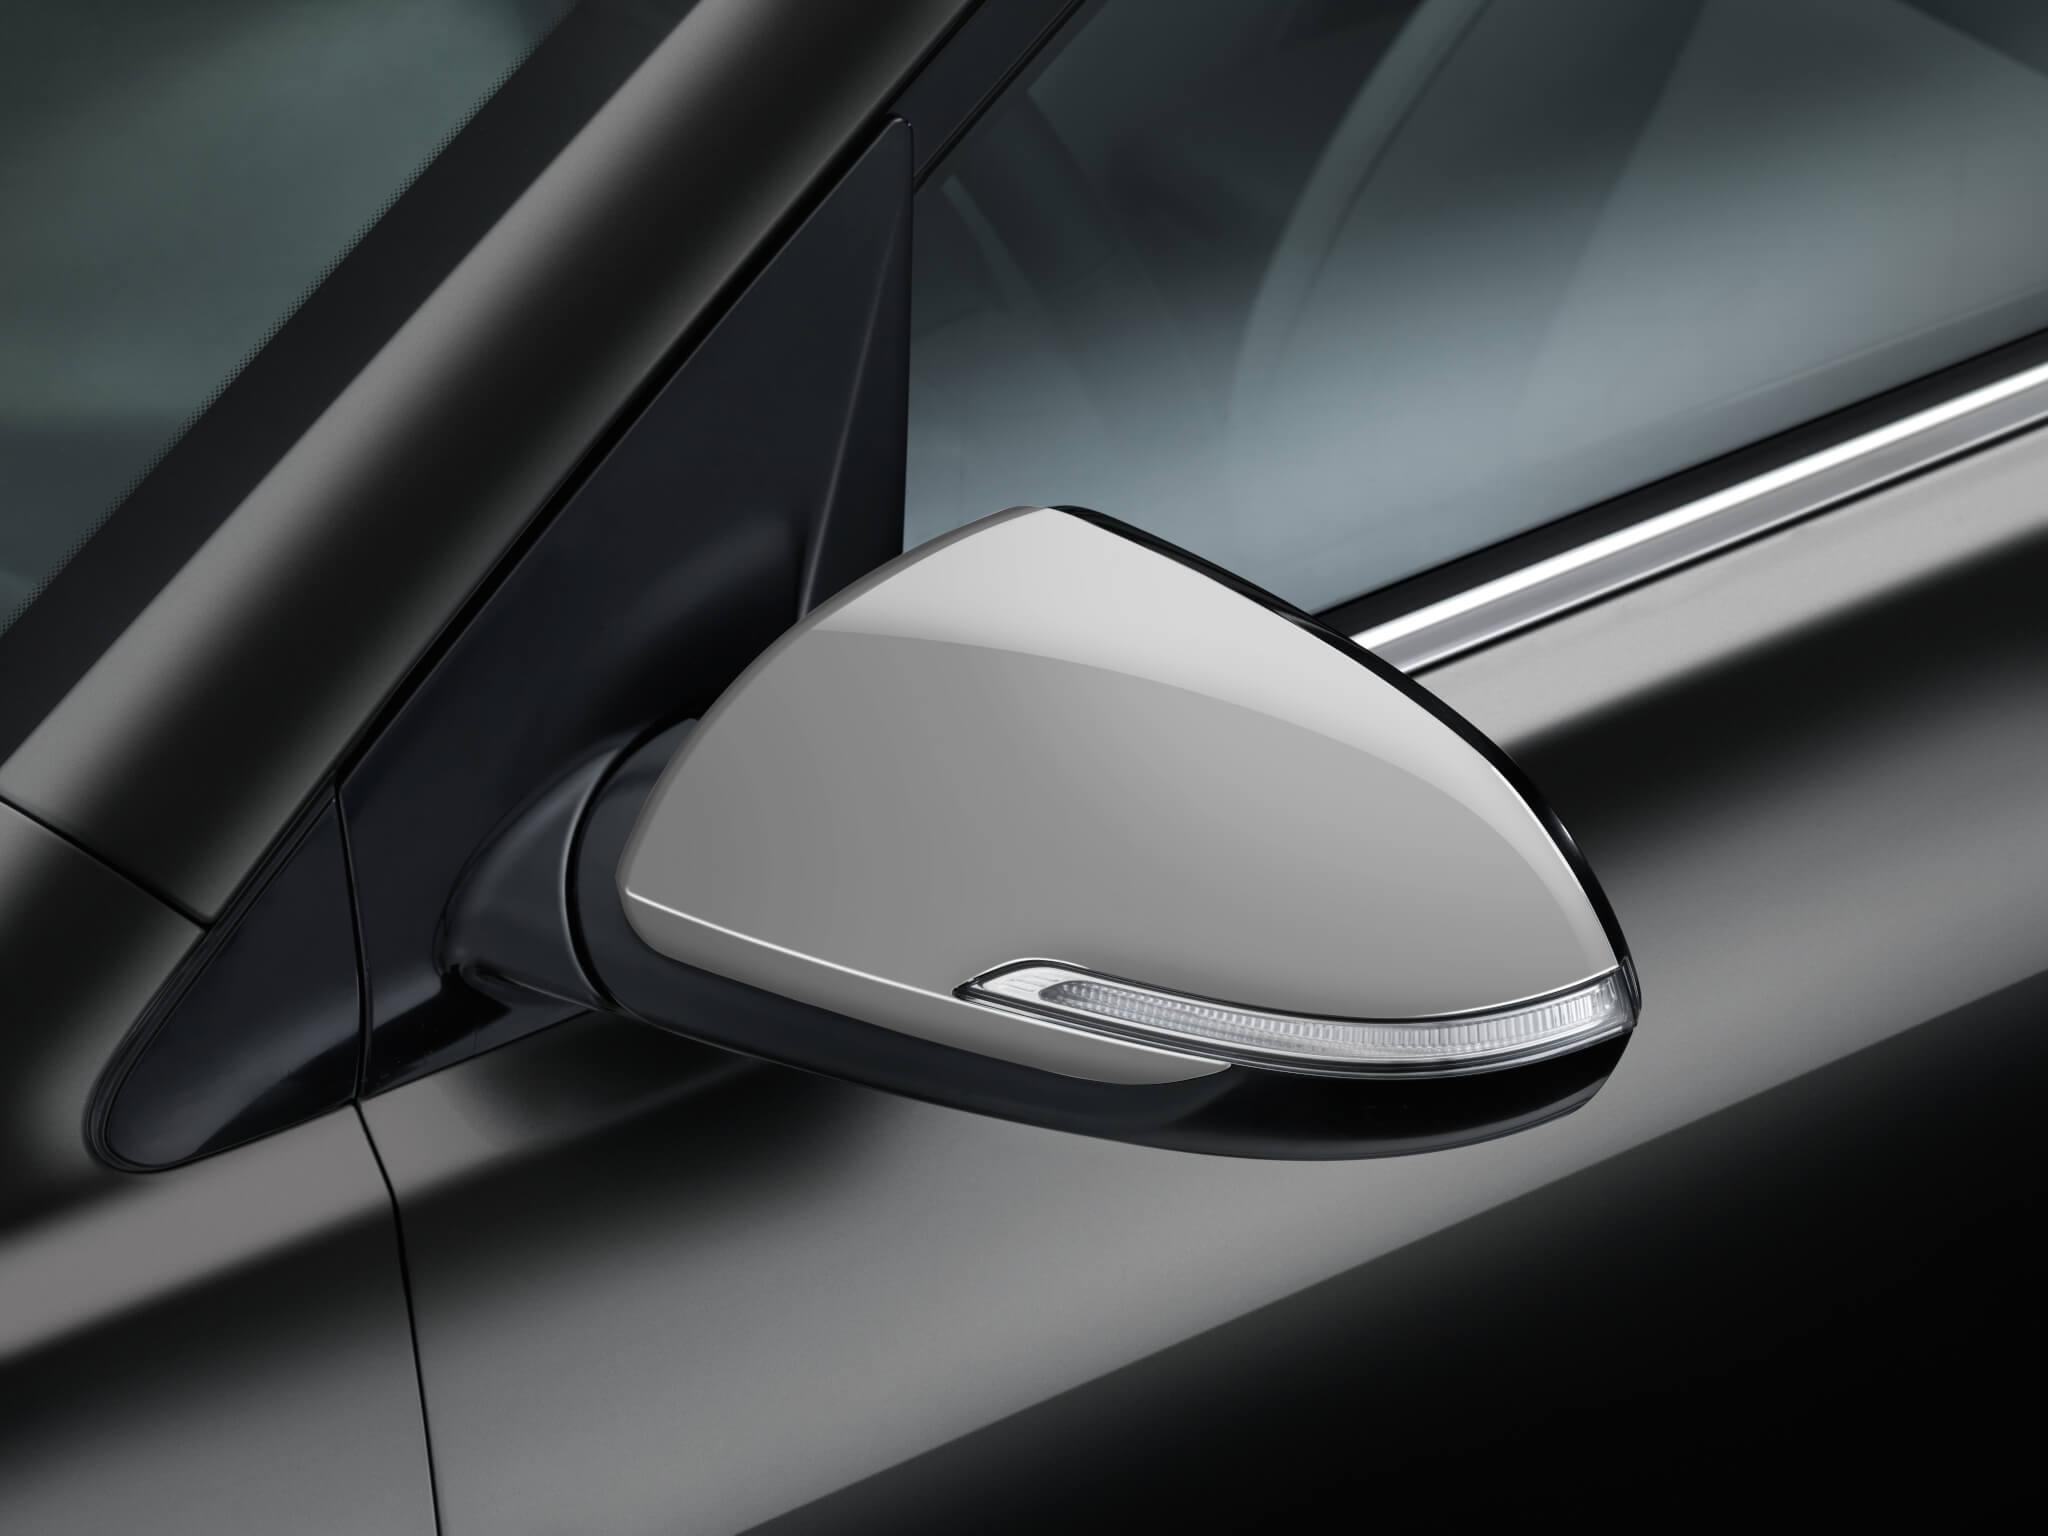 Capa espelho - Prateado (requer Fix kit 2) - Para viaturas c/ piscas nos espelhos